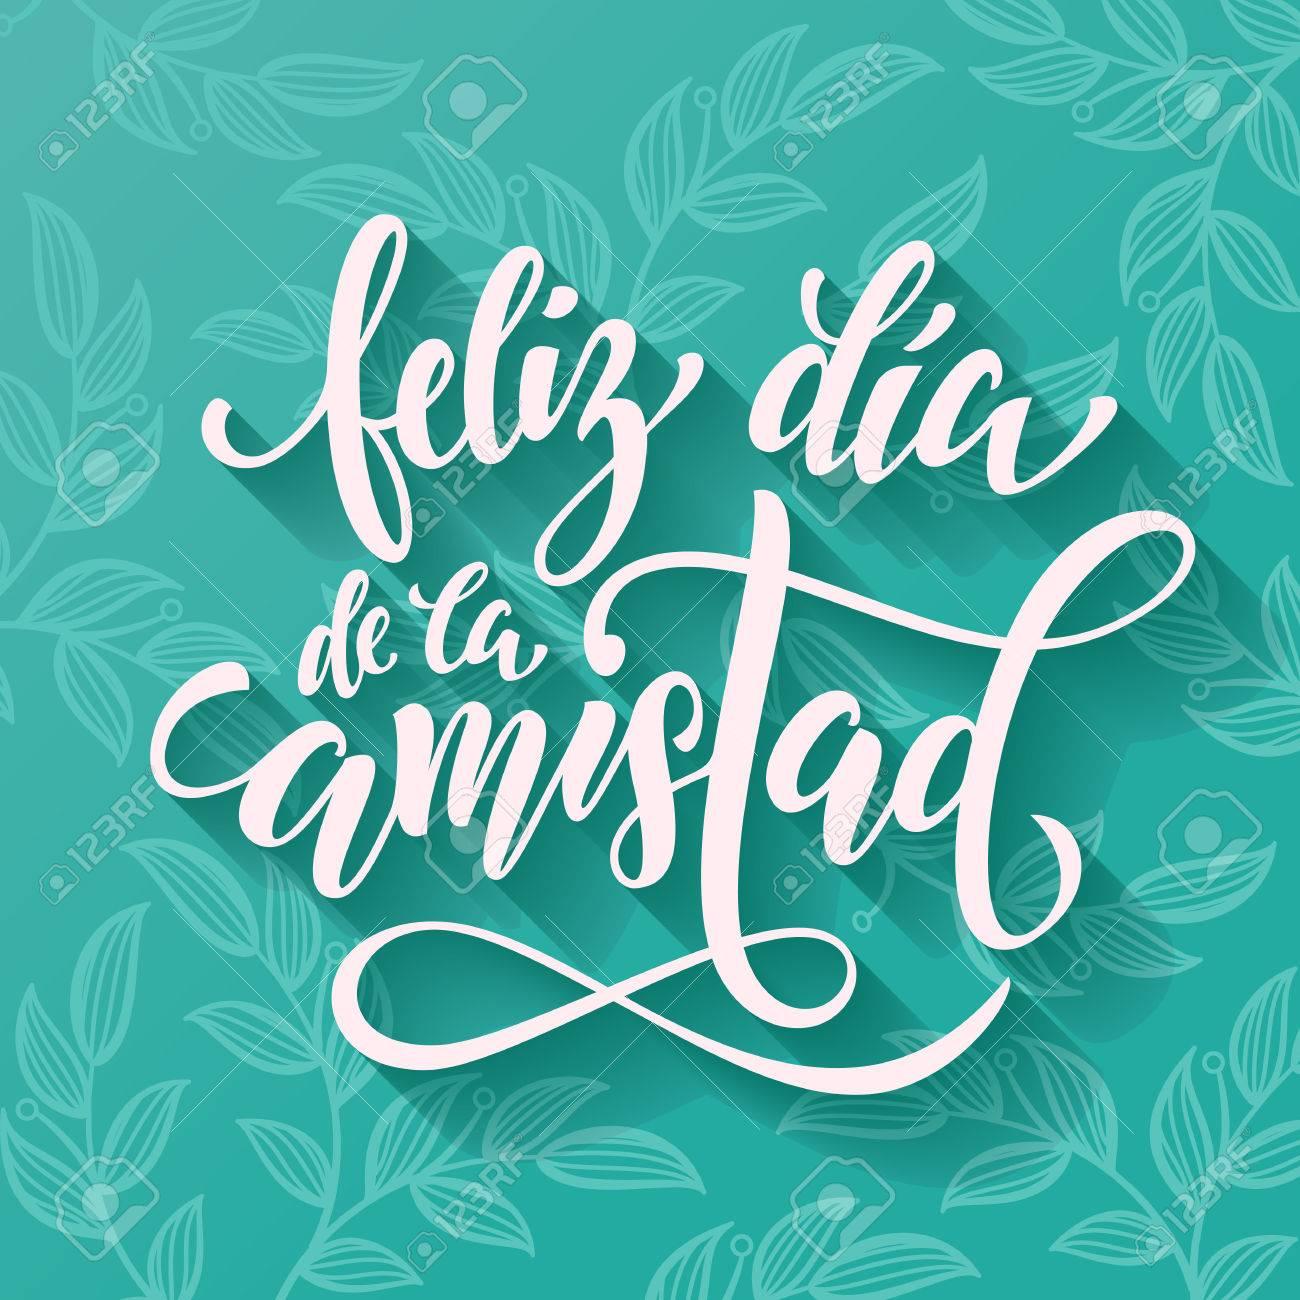 Feliz Dia De La Amistad Friendship Day Schriftzug Für Freunde In